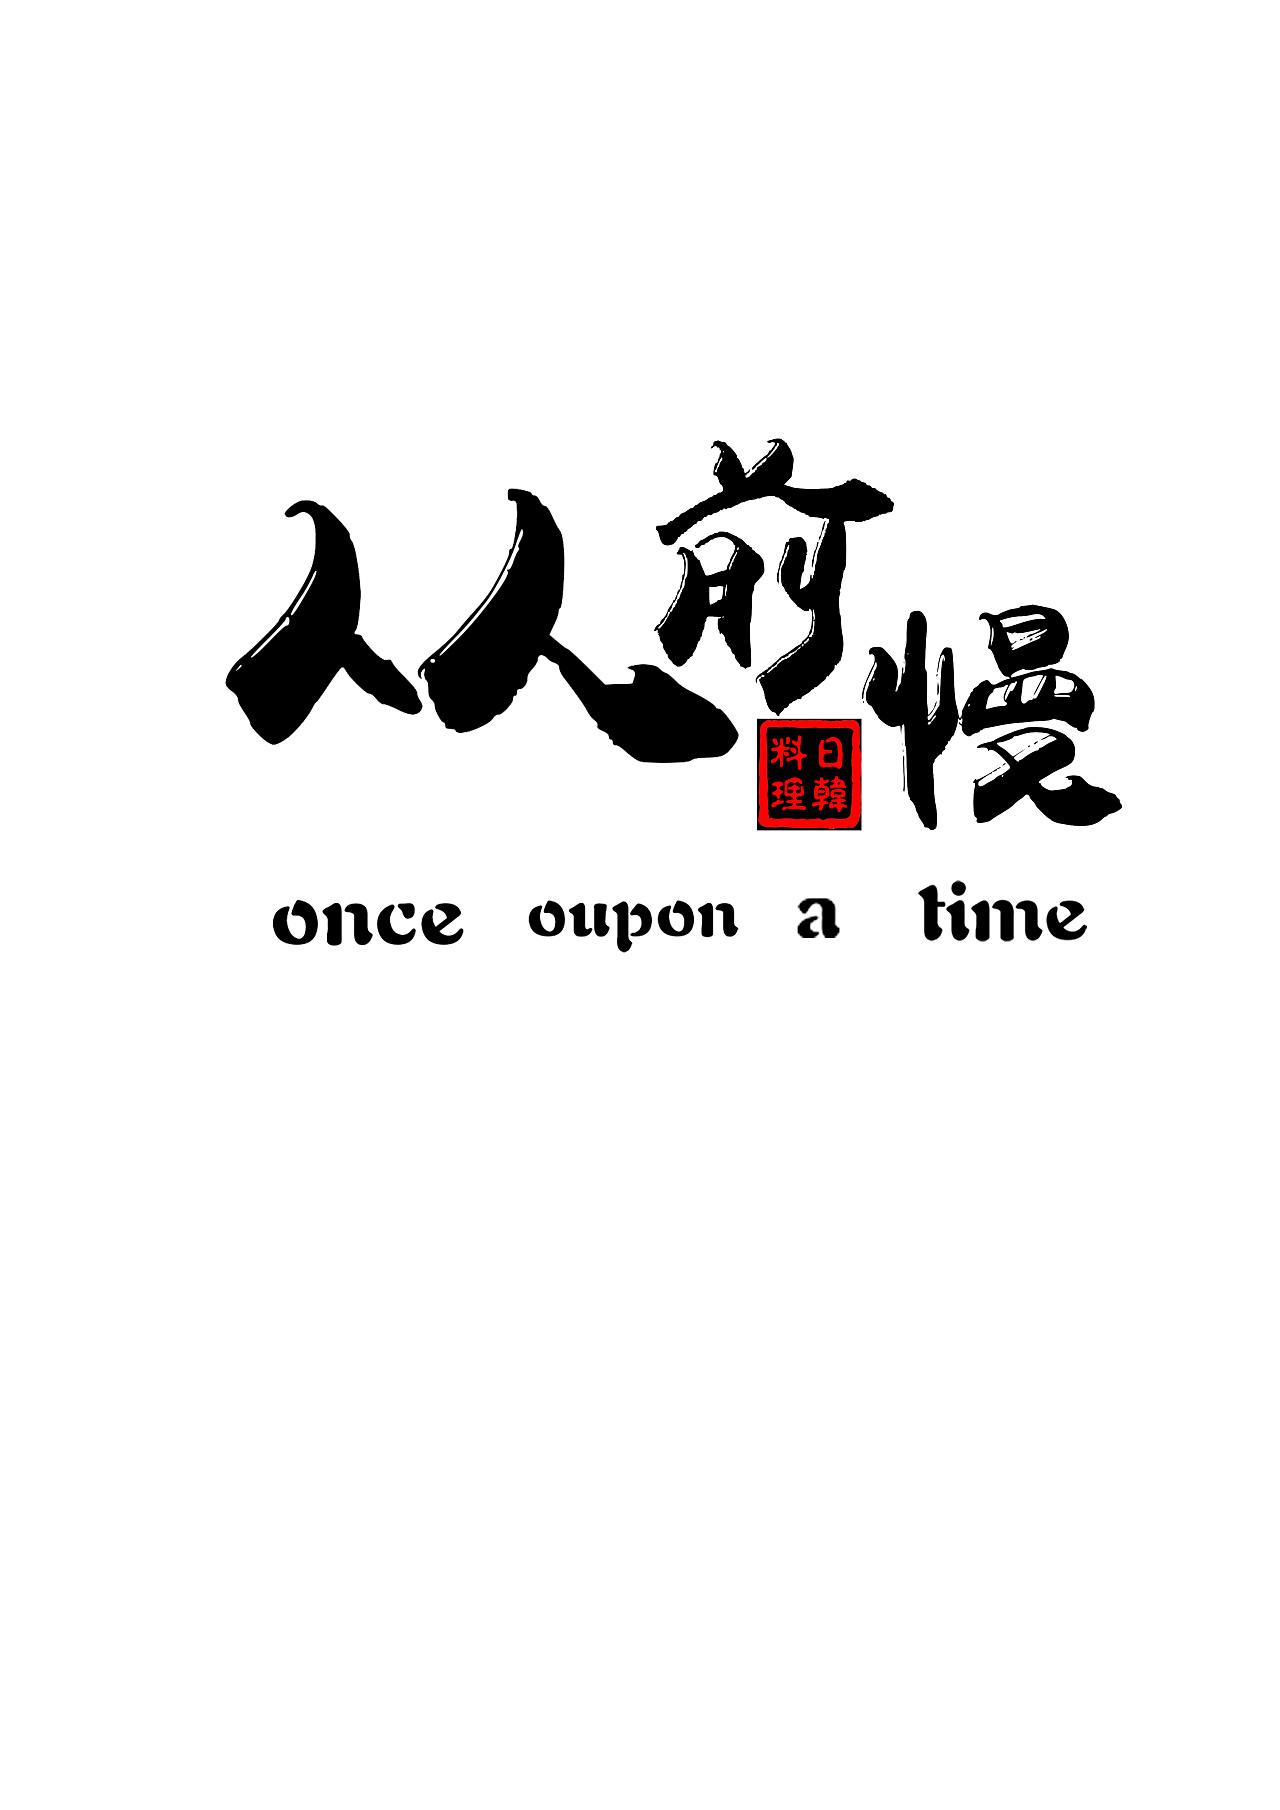 日韩料理店logo